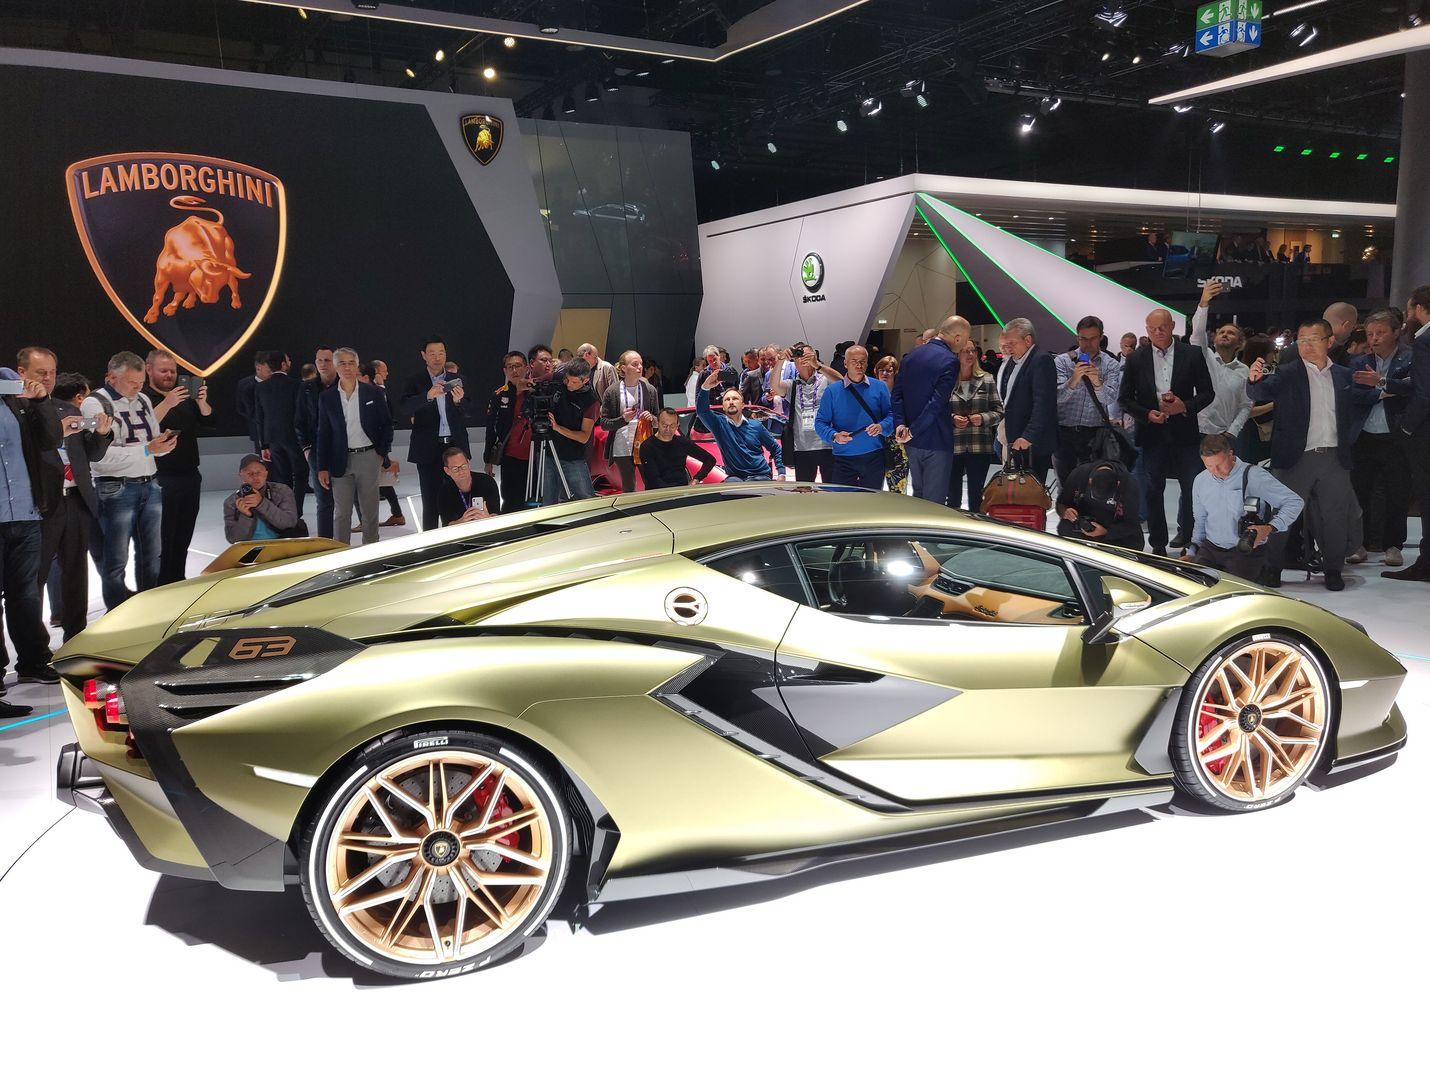 Sähköaikakaudella mikään ei ole pyhää edes Lamborghinissa, paitsi ehkä muotoilu. Sián-mallissa Lambon perinteiseen vapaasti hengittävään V12-moottoriin on yhdistetty 34 lisähevosta tuottava sähkömoottori. Yhteisteho on tyrmäävät 819 pollea ja huippunopeus yli 350 km/h. Auto ei ole vielä myynnissä.